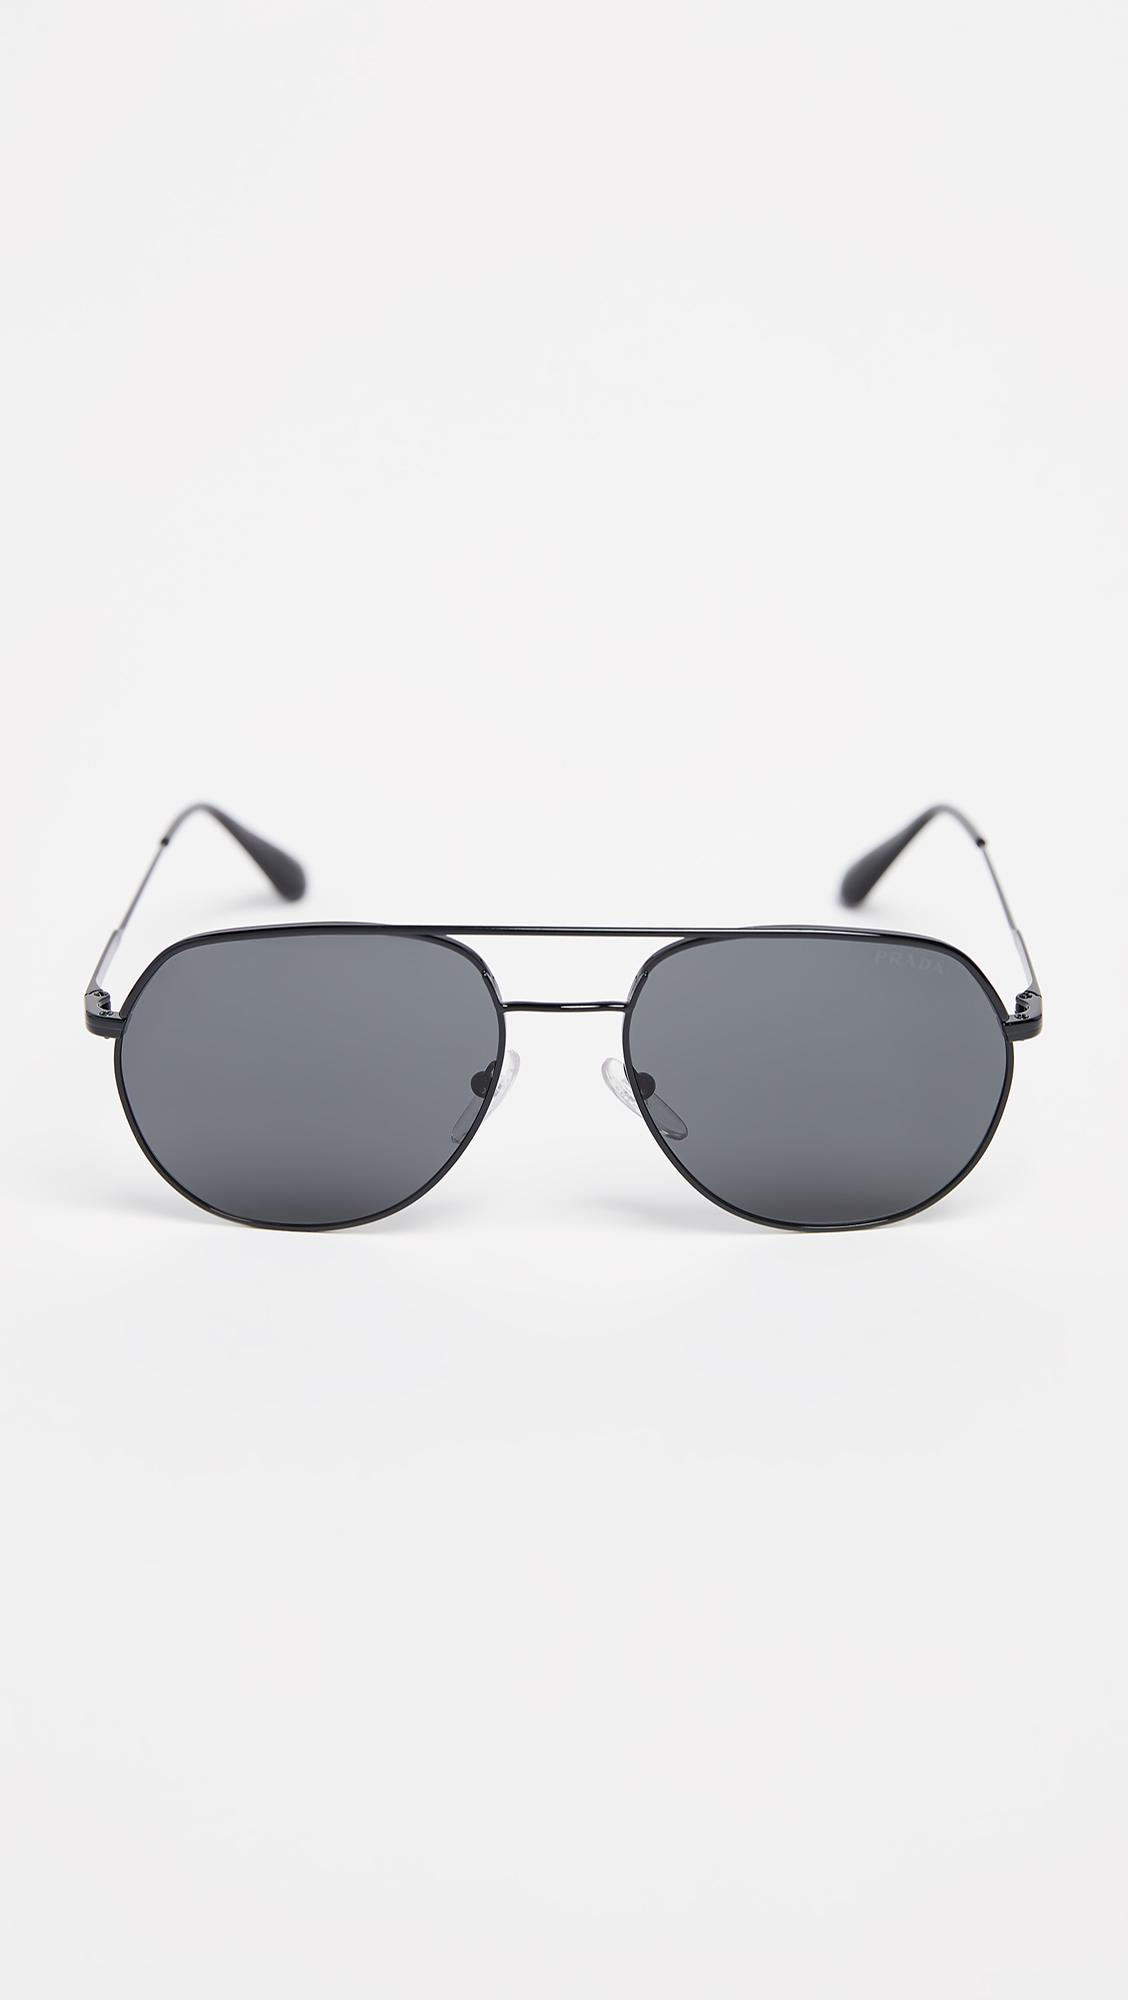 b3d3530a8b3 Prada 0pr 55us Sunglasses in Gray for Men - Lyst